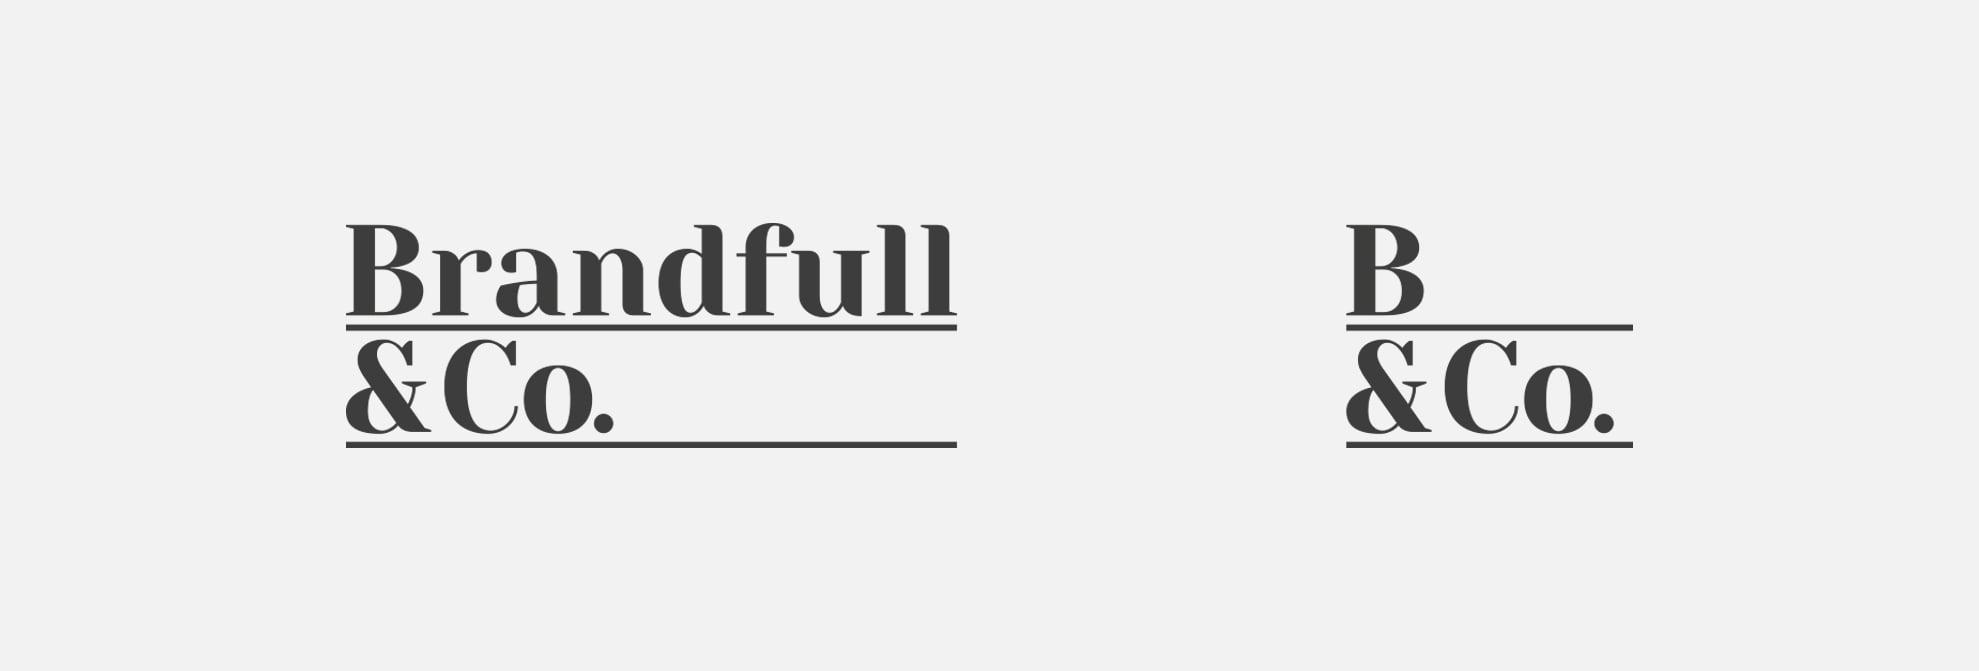 logotipo para sector textil - Brandfull&Co, un proyecto integral de diseño